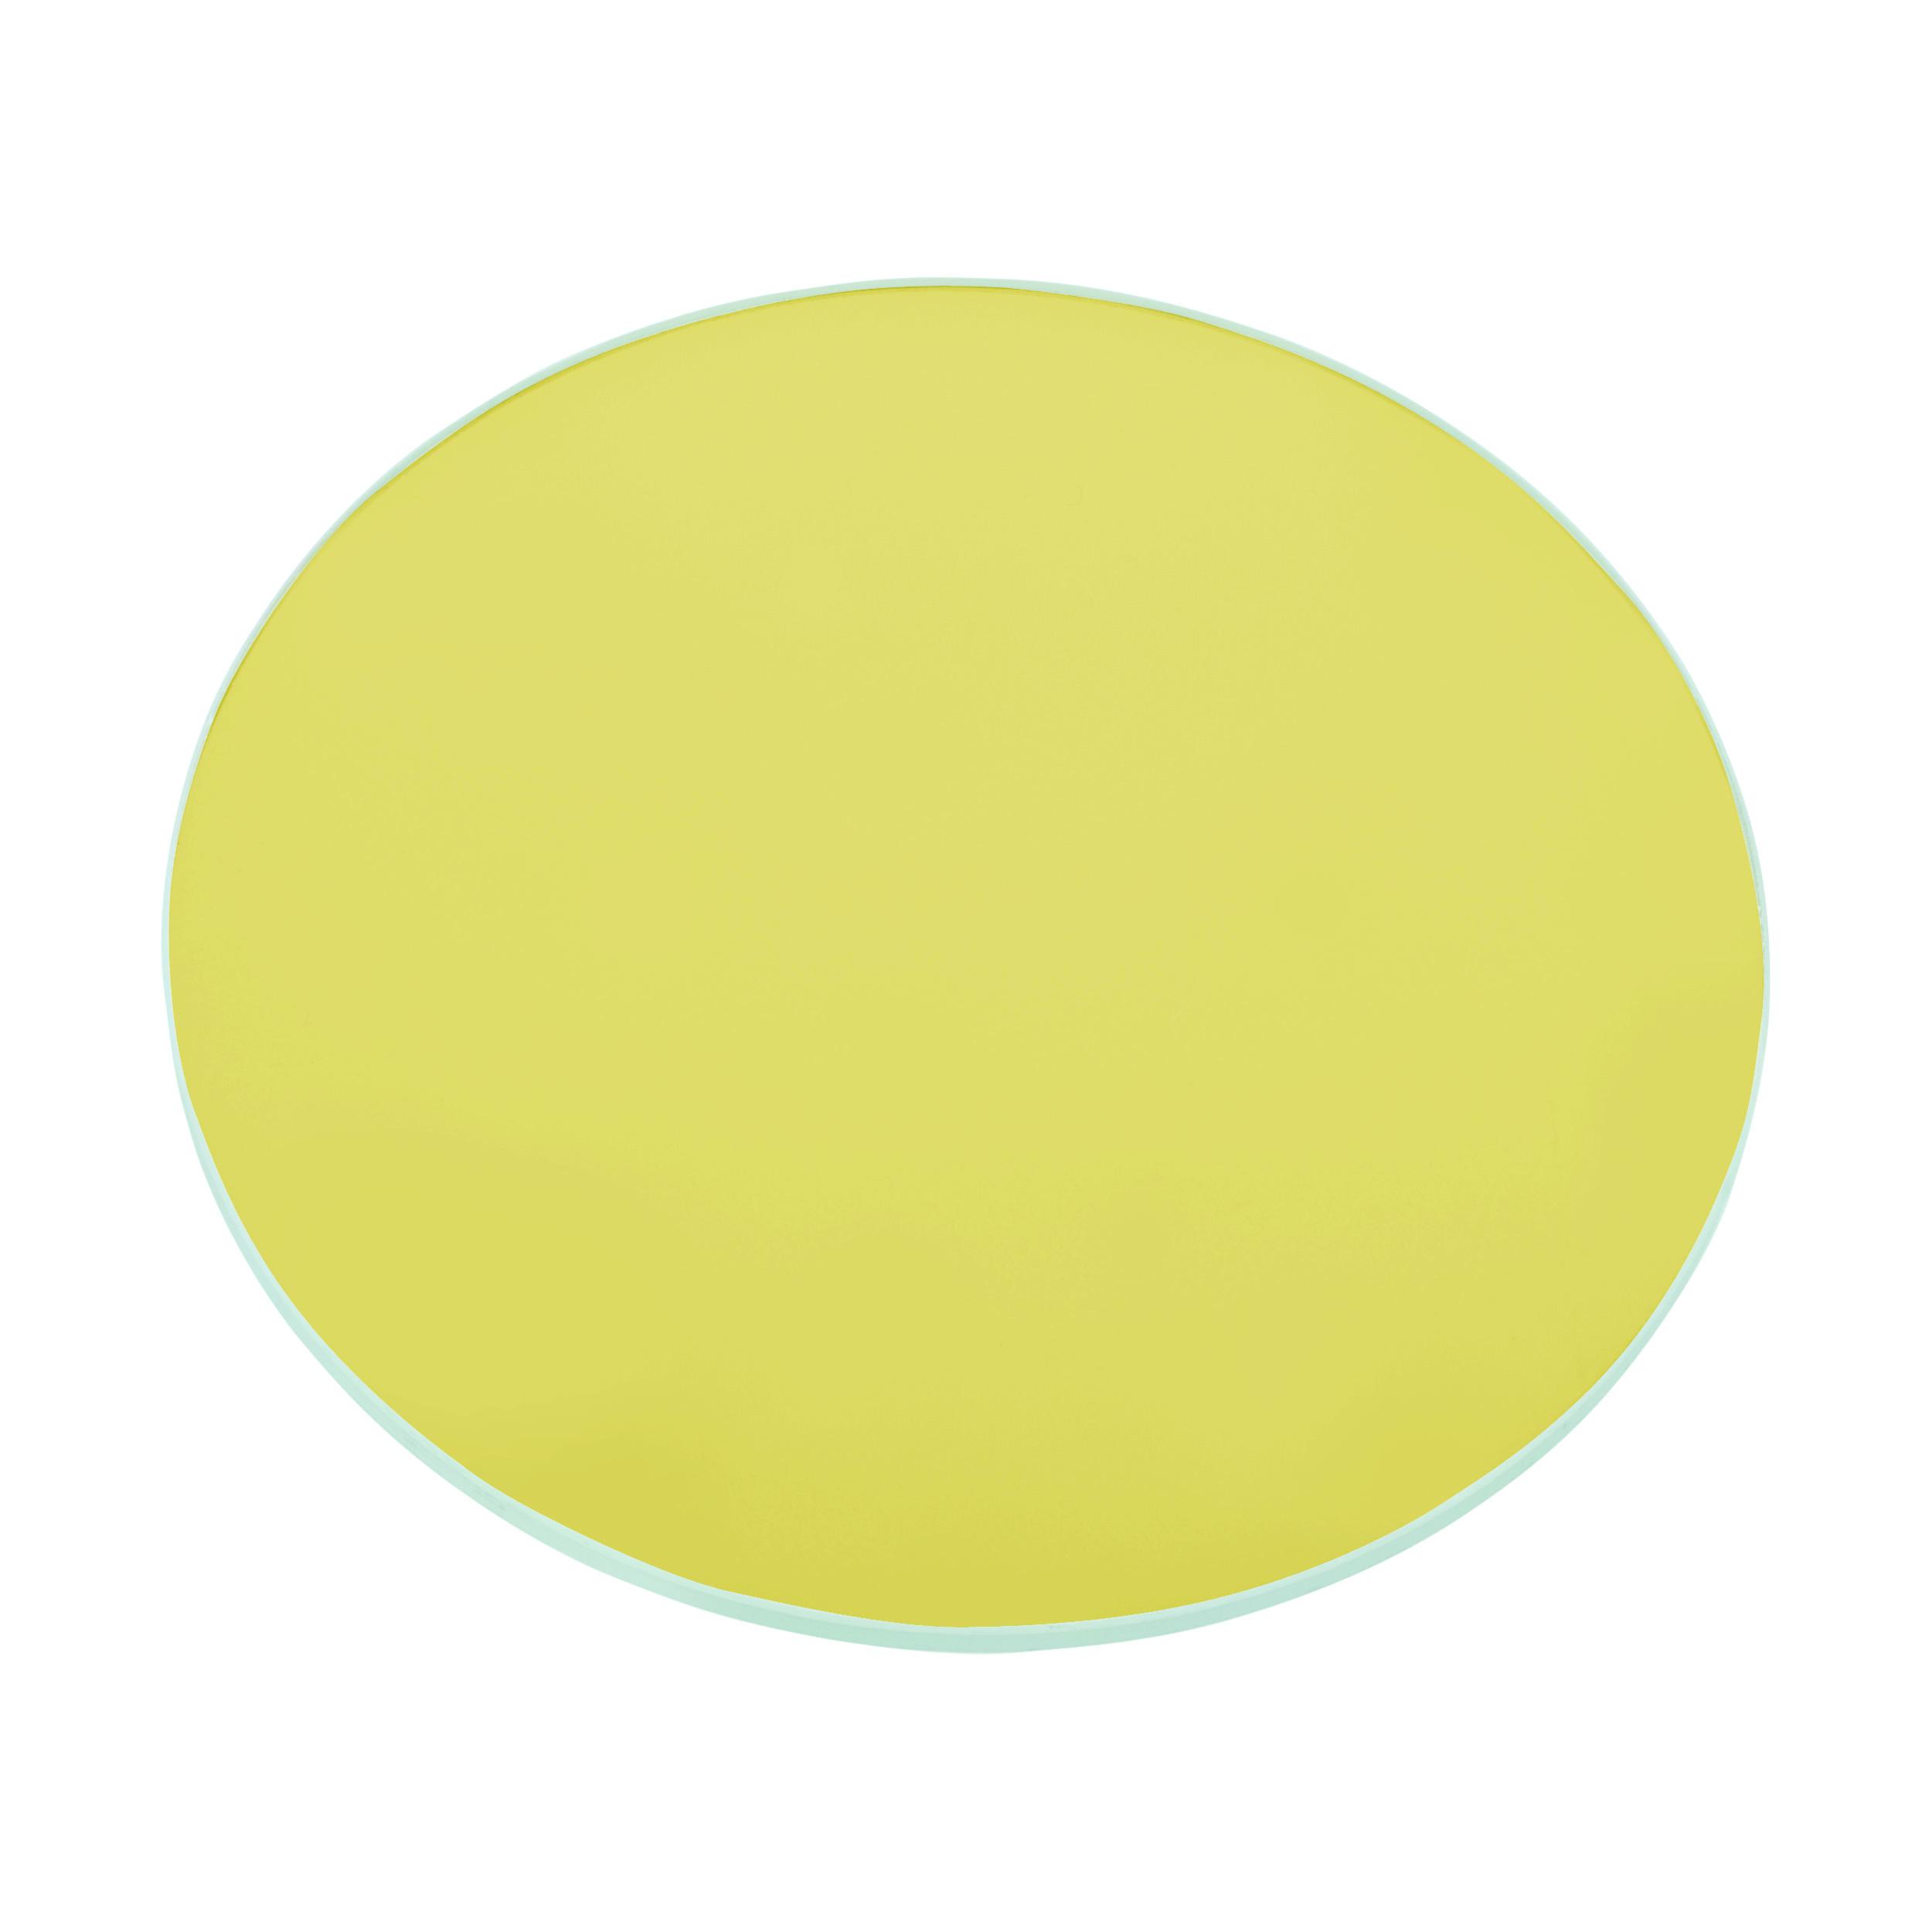 1 Stk Filtergläser fürFerronego gelb, für Brot und Käse  LI60304---